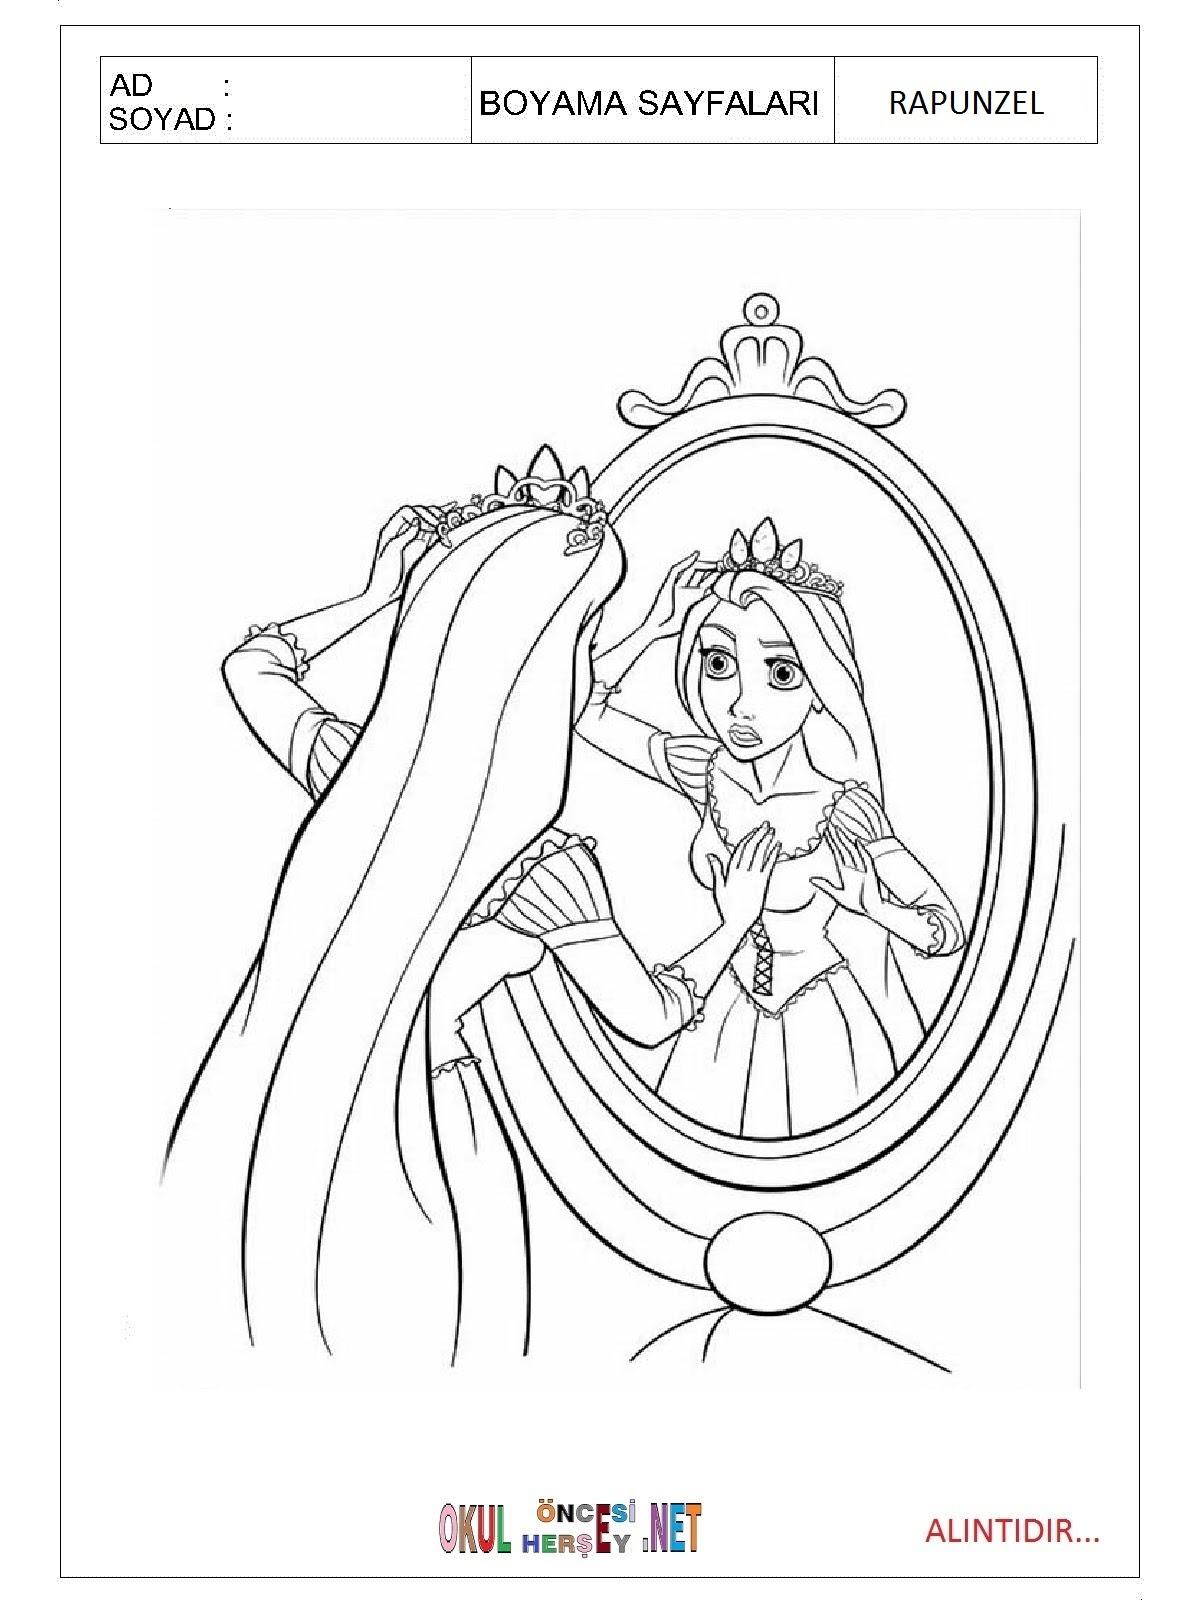 Rapunzel Boyama Sayfaları